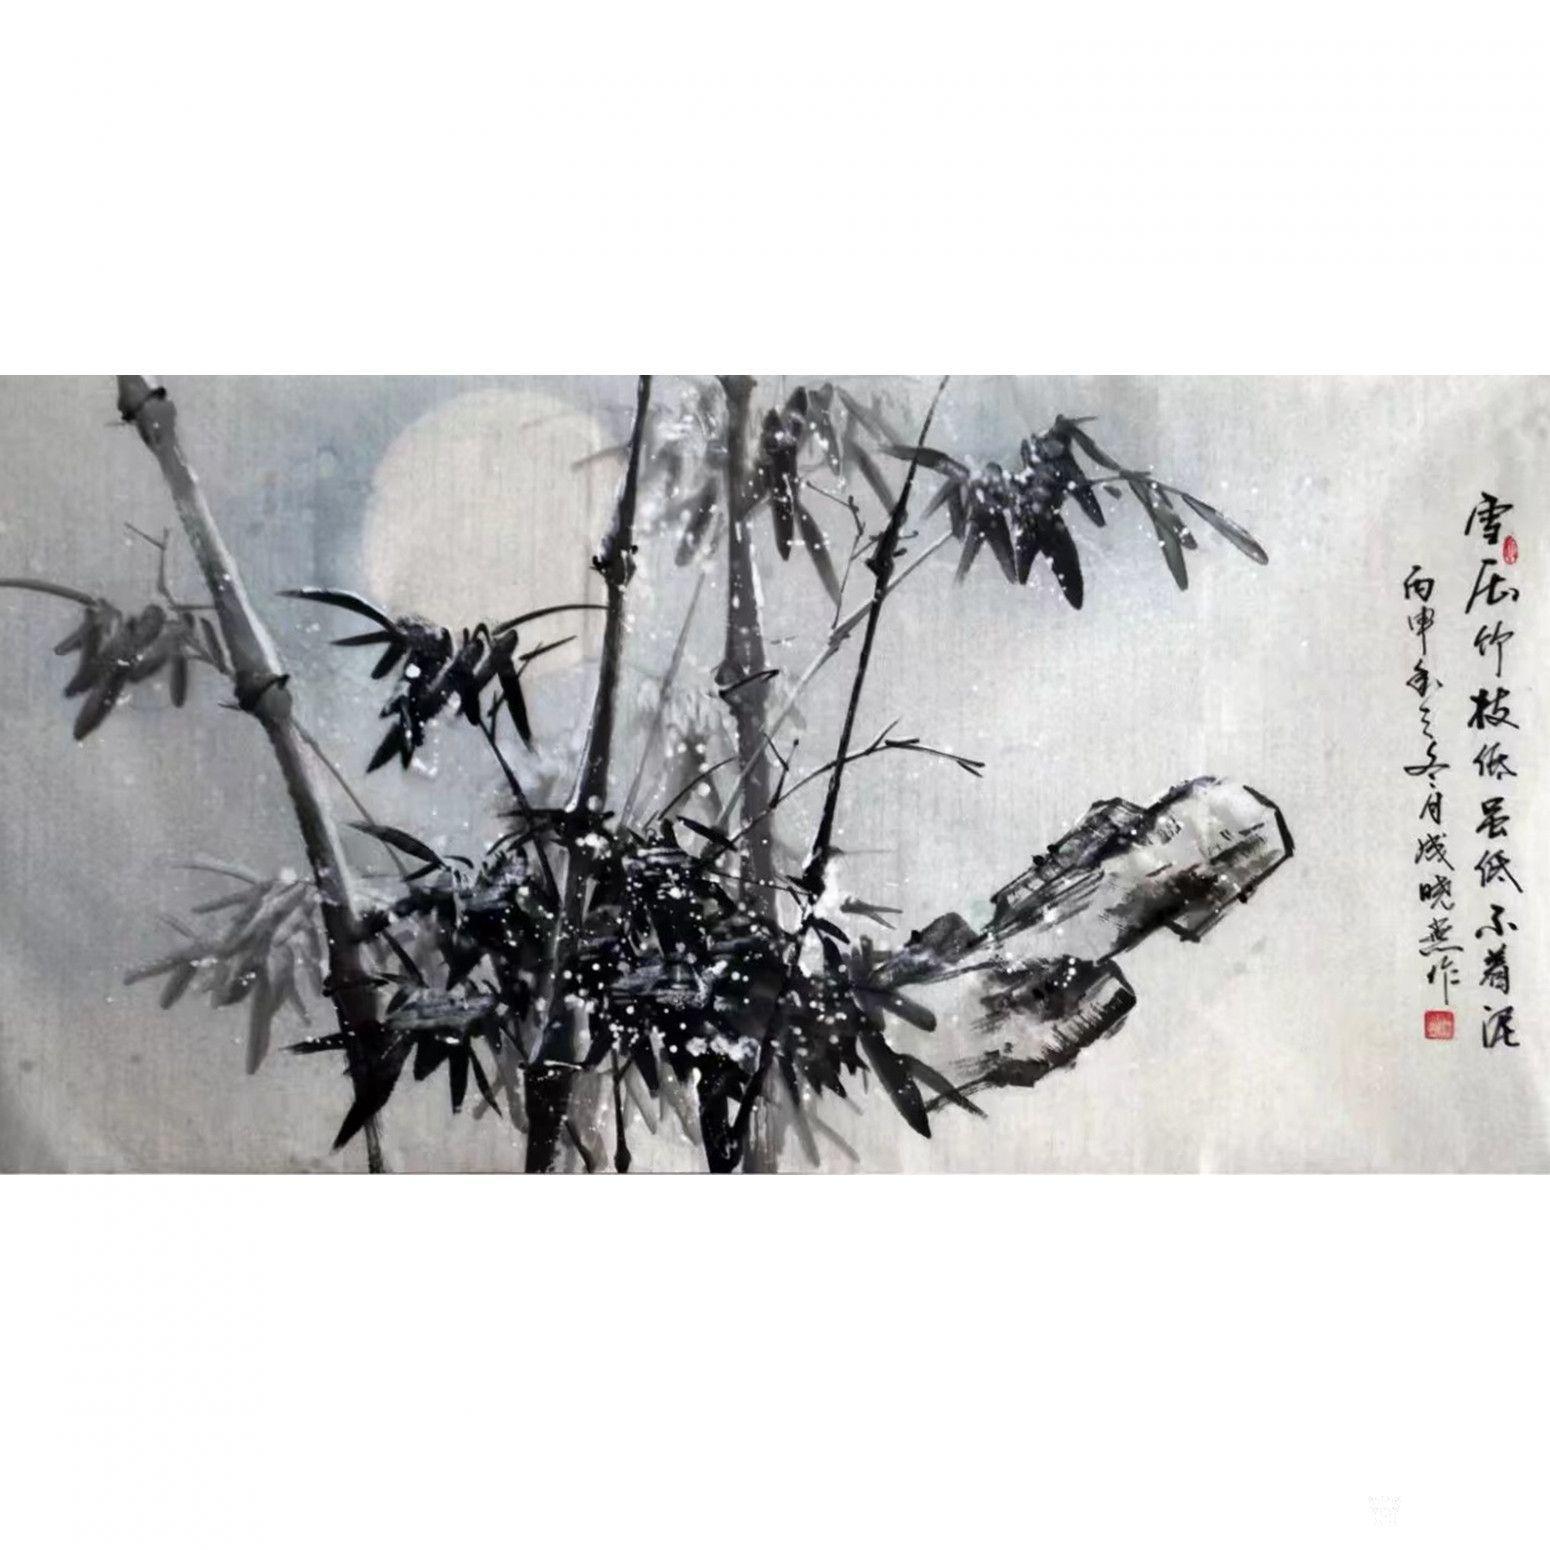 成晓燕国画作品《雪压竹枝低虽低不着泥》